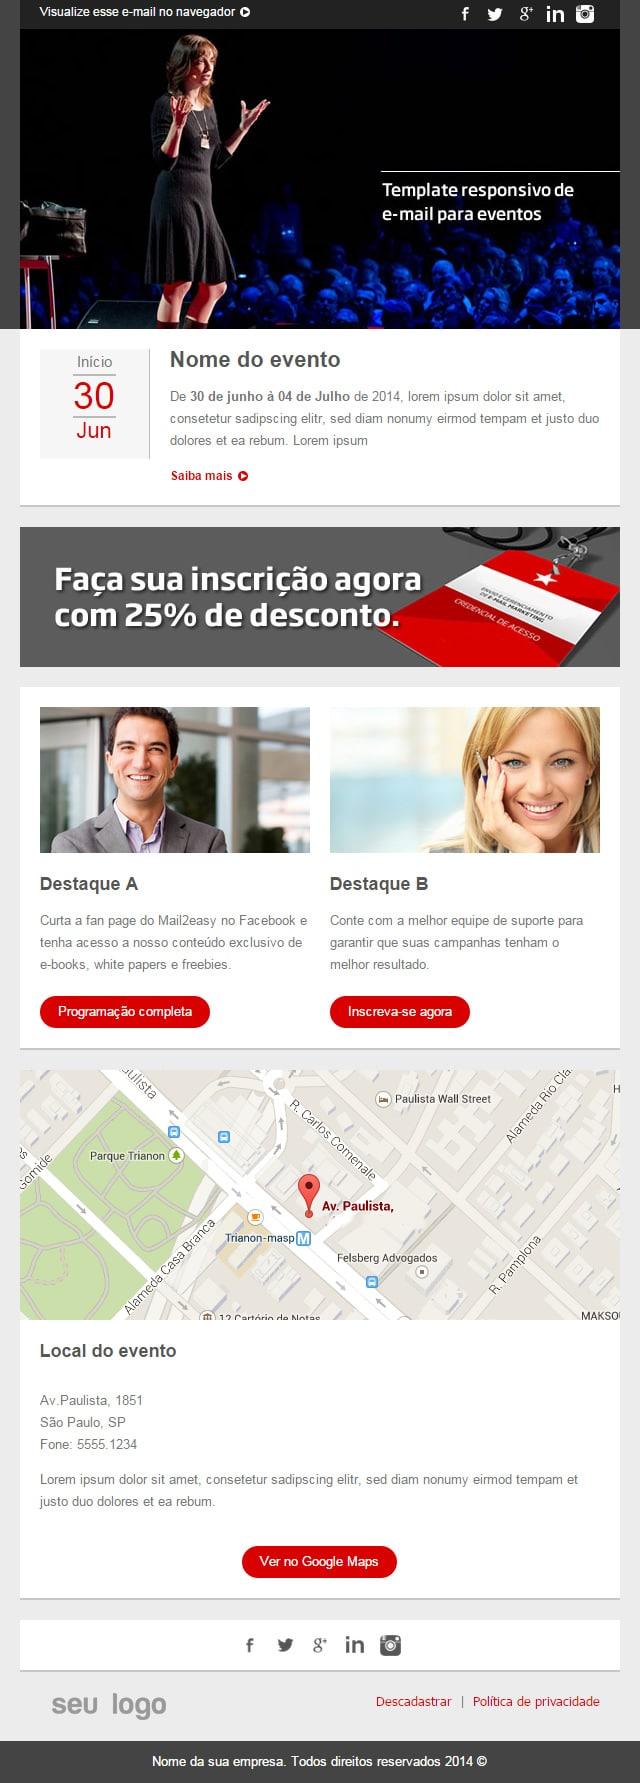 Templates responsivos para e-mail marketing